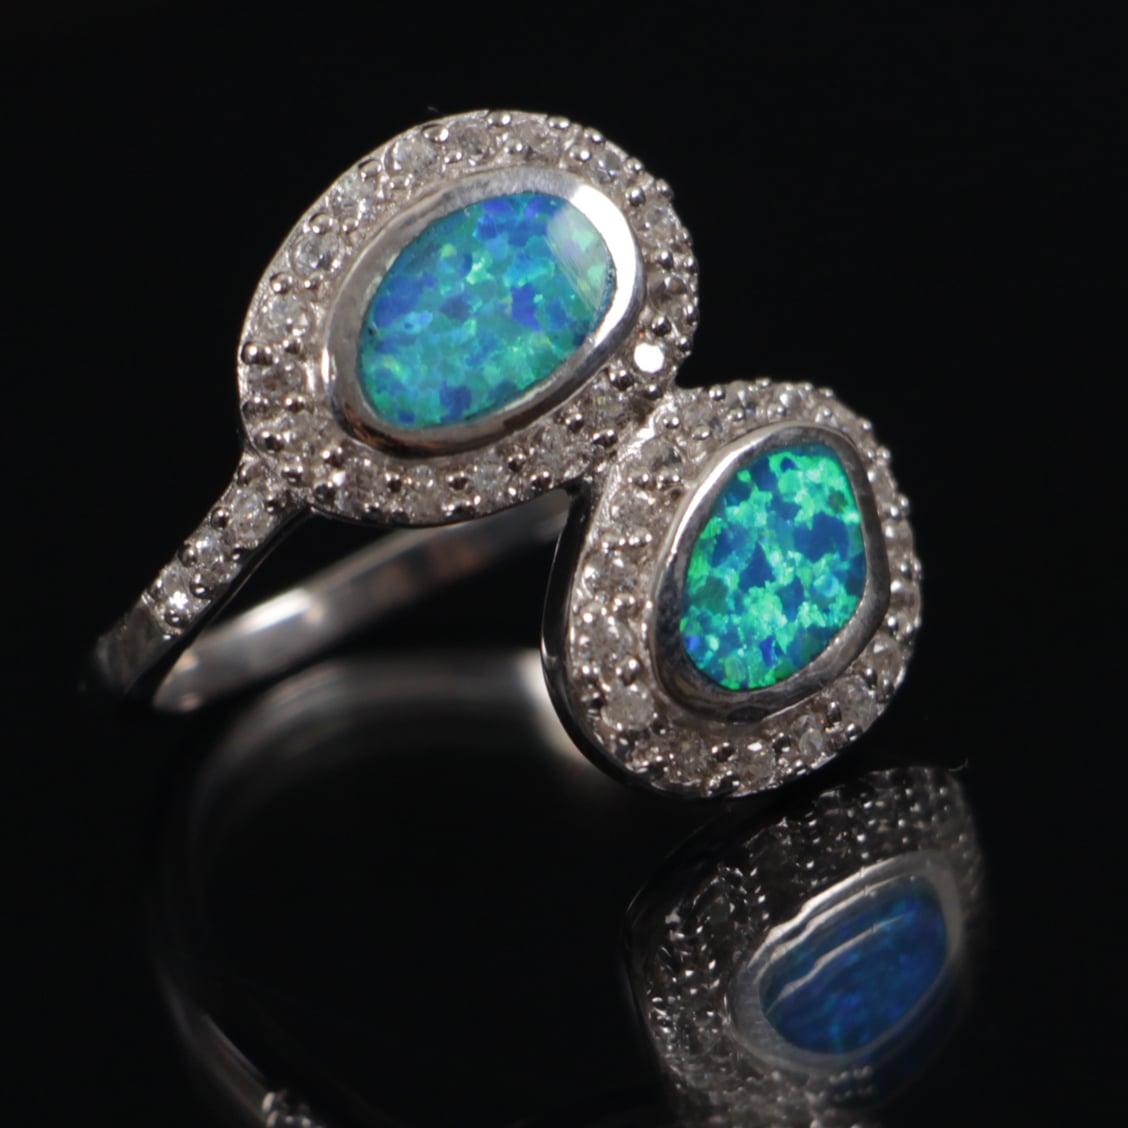 טבעת משובצת 2 אופלים וזרקונים RG6223